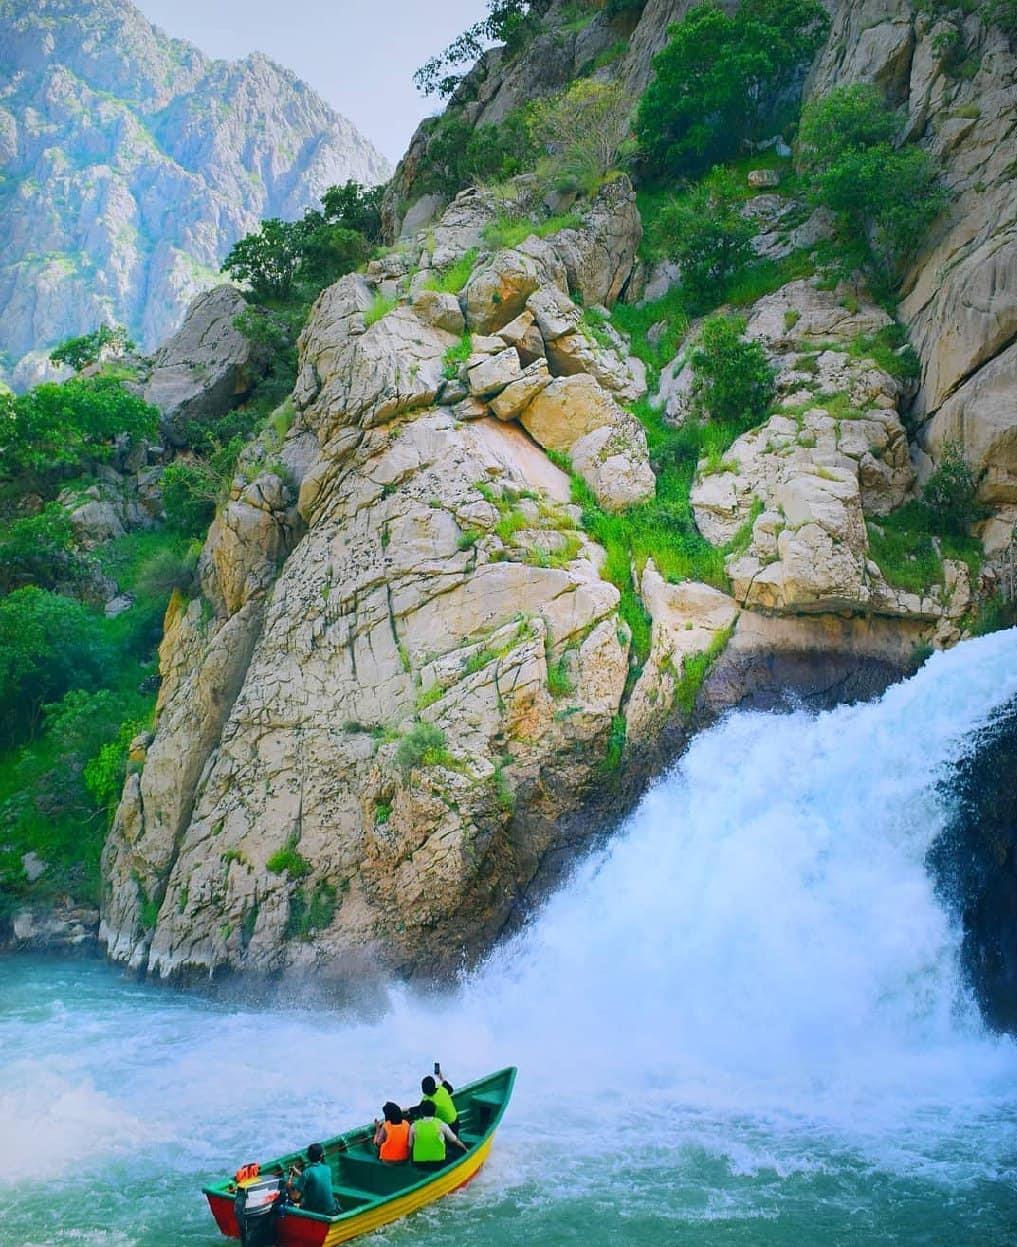 آبشار بل ،جاذبه گردشگری آبشار بل اورامان کردستان